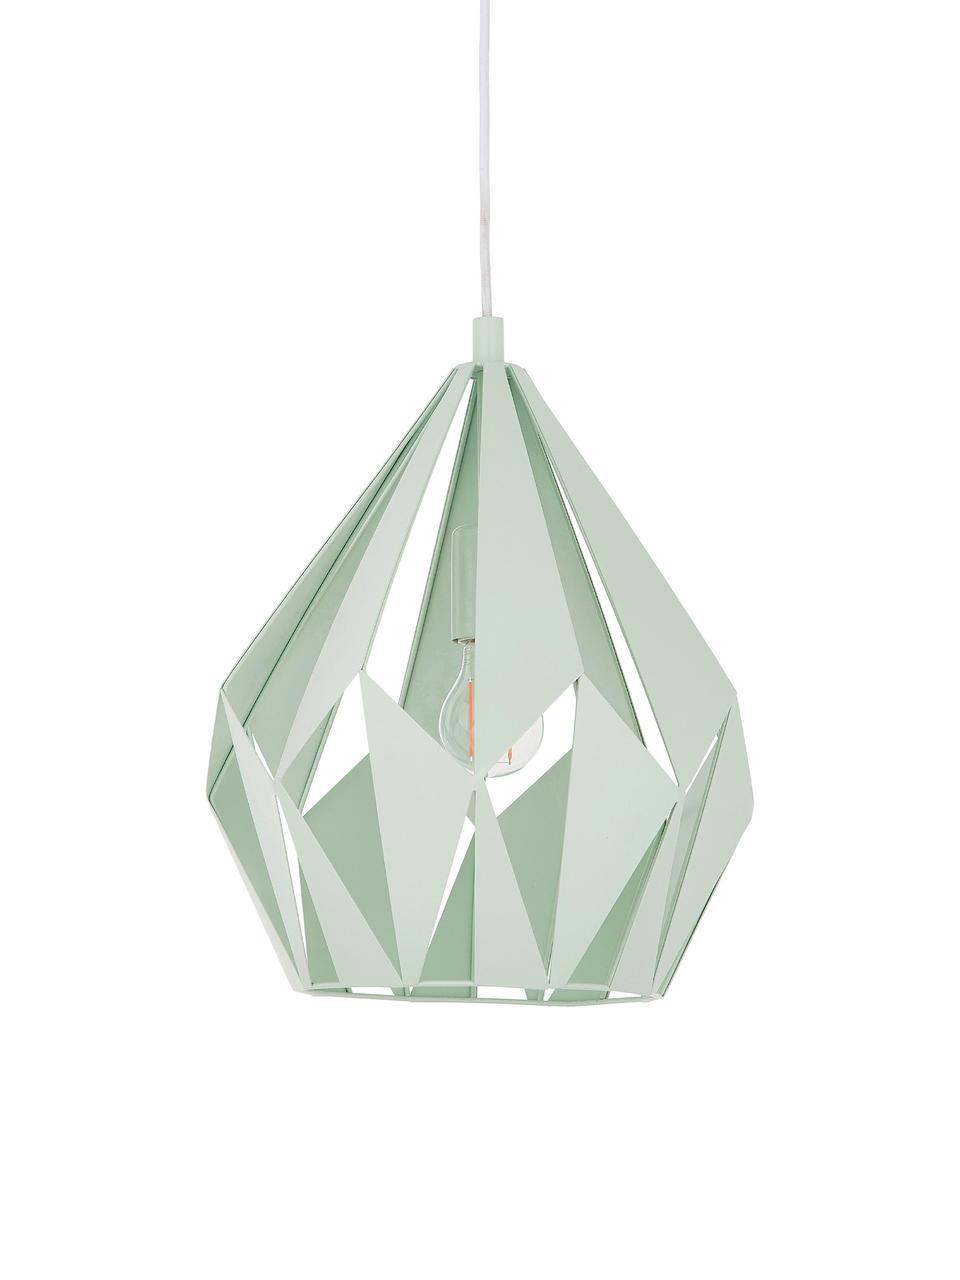 Lampada a sospensione stile nordico Carlton, Paralume: acciaio verniciato, Baldacchino: acciaio verniciato, Verde chiaro, Ø 31 x Alt. 40 cm